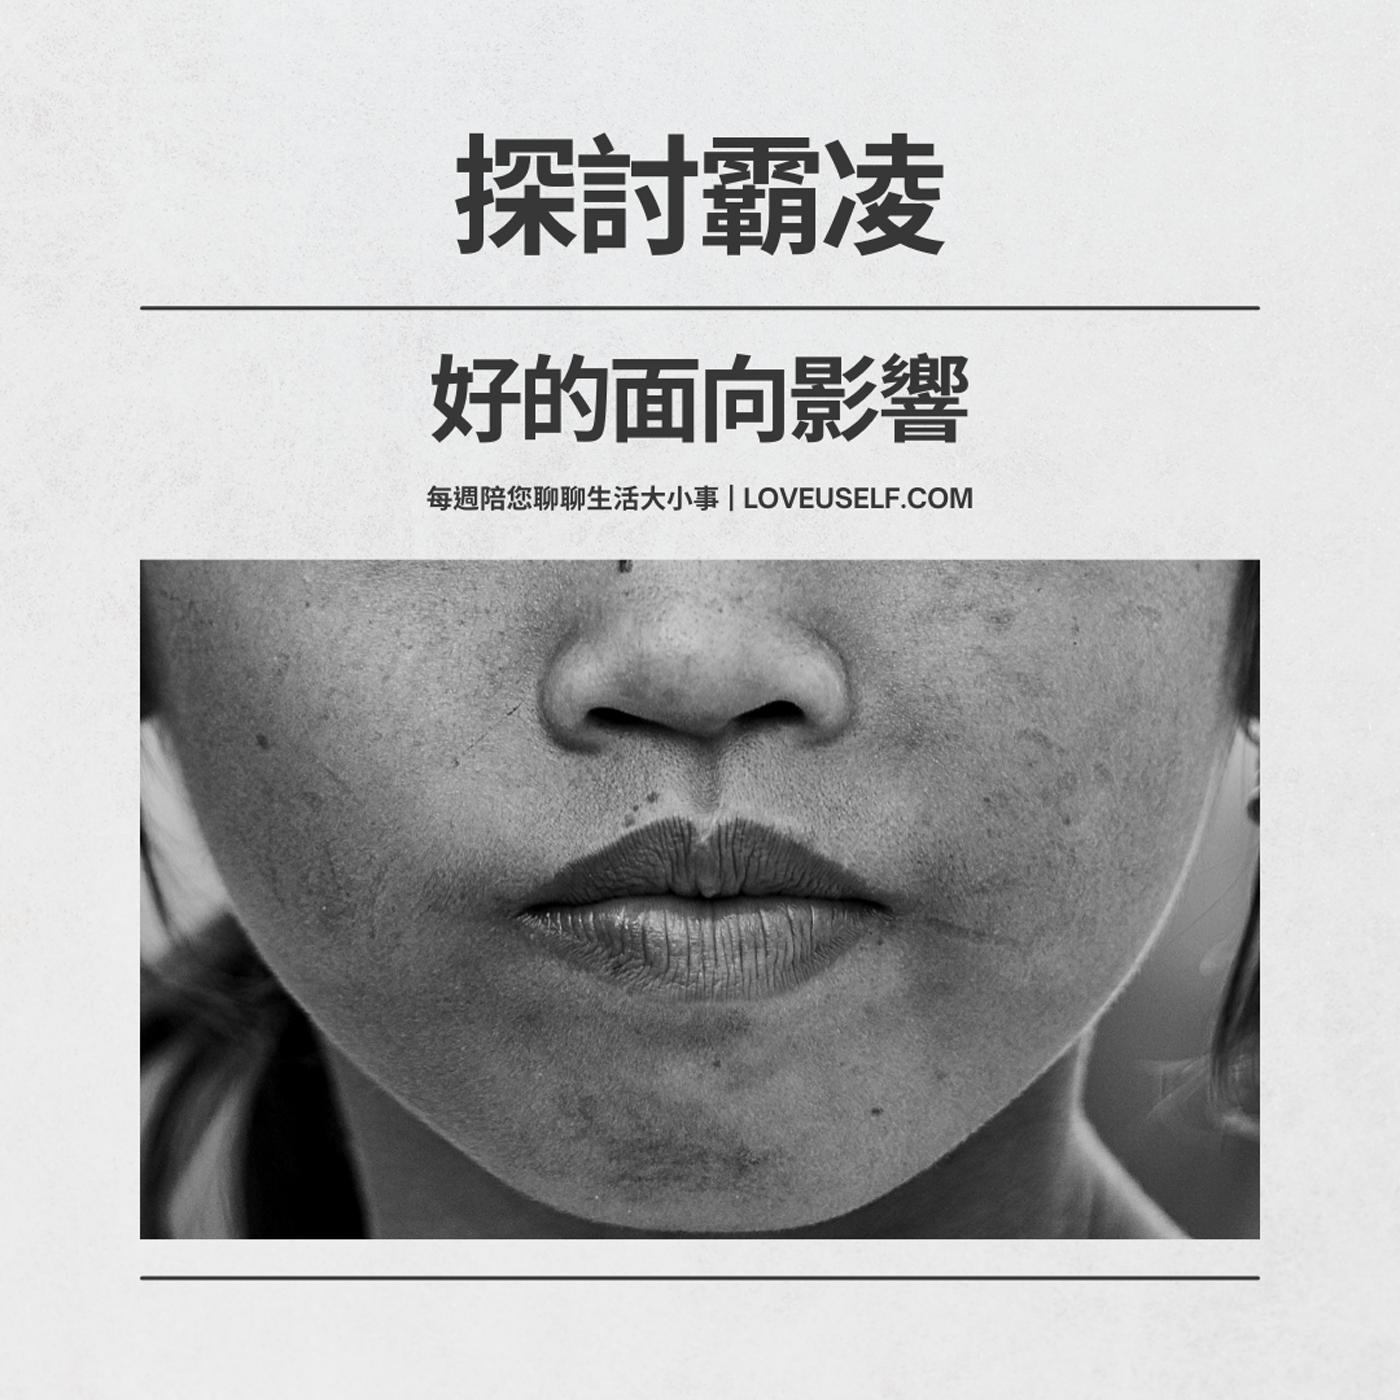 #EP43社會篇:探討霸凌好的面向影響| ❤️